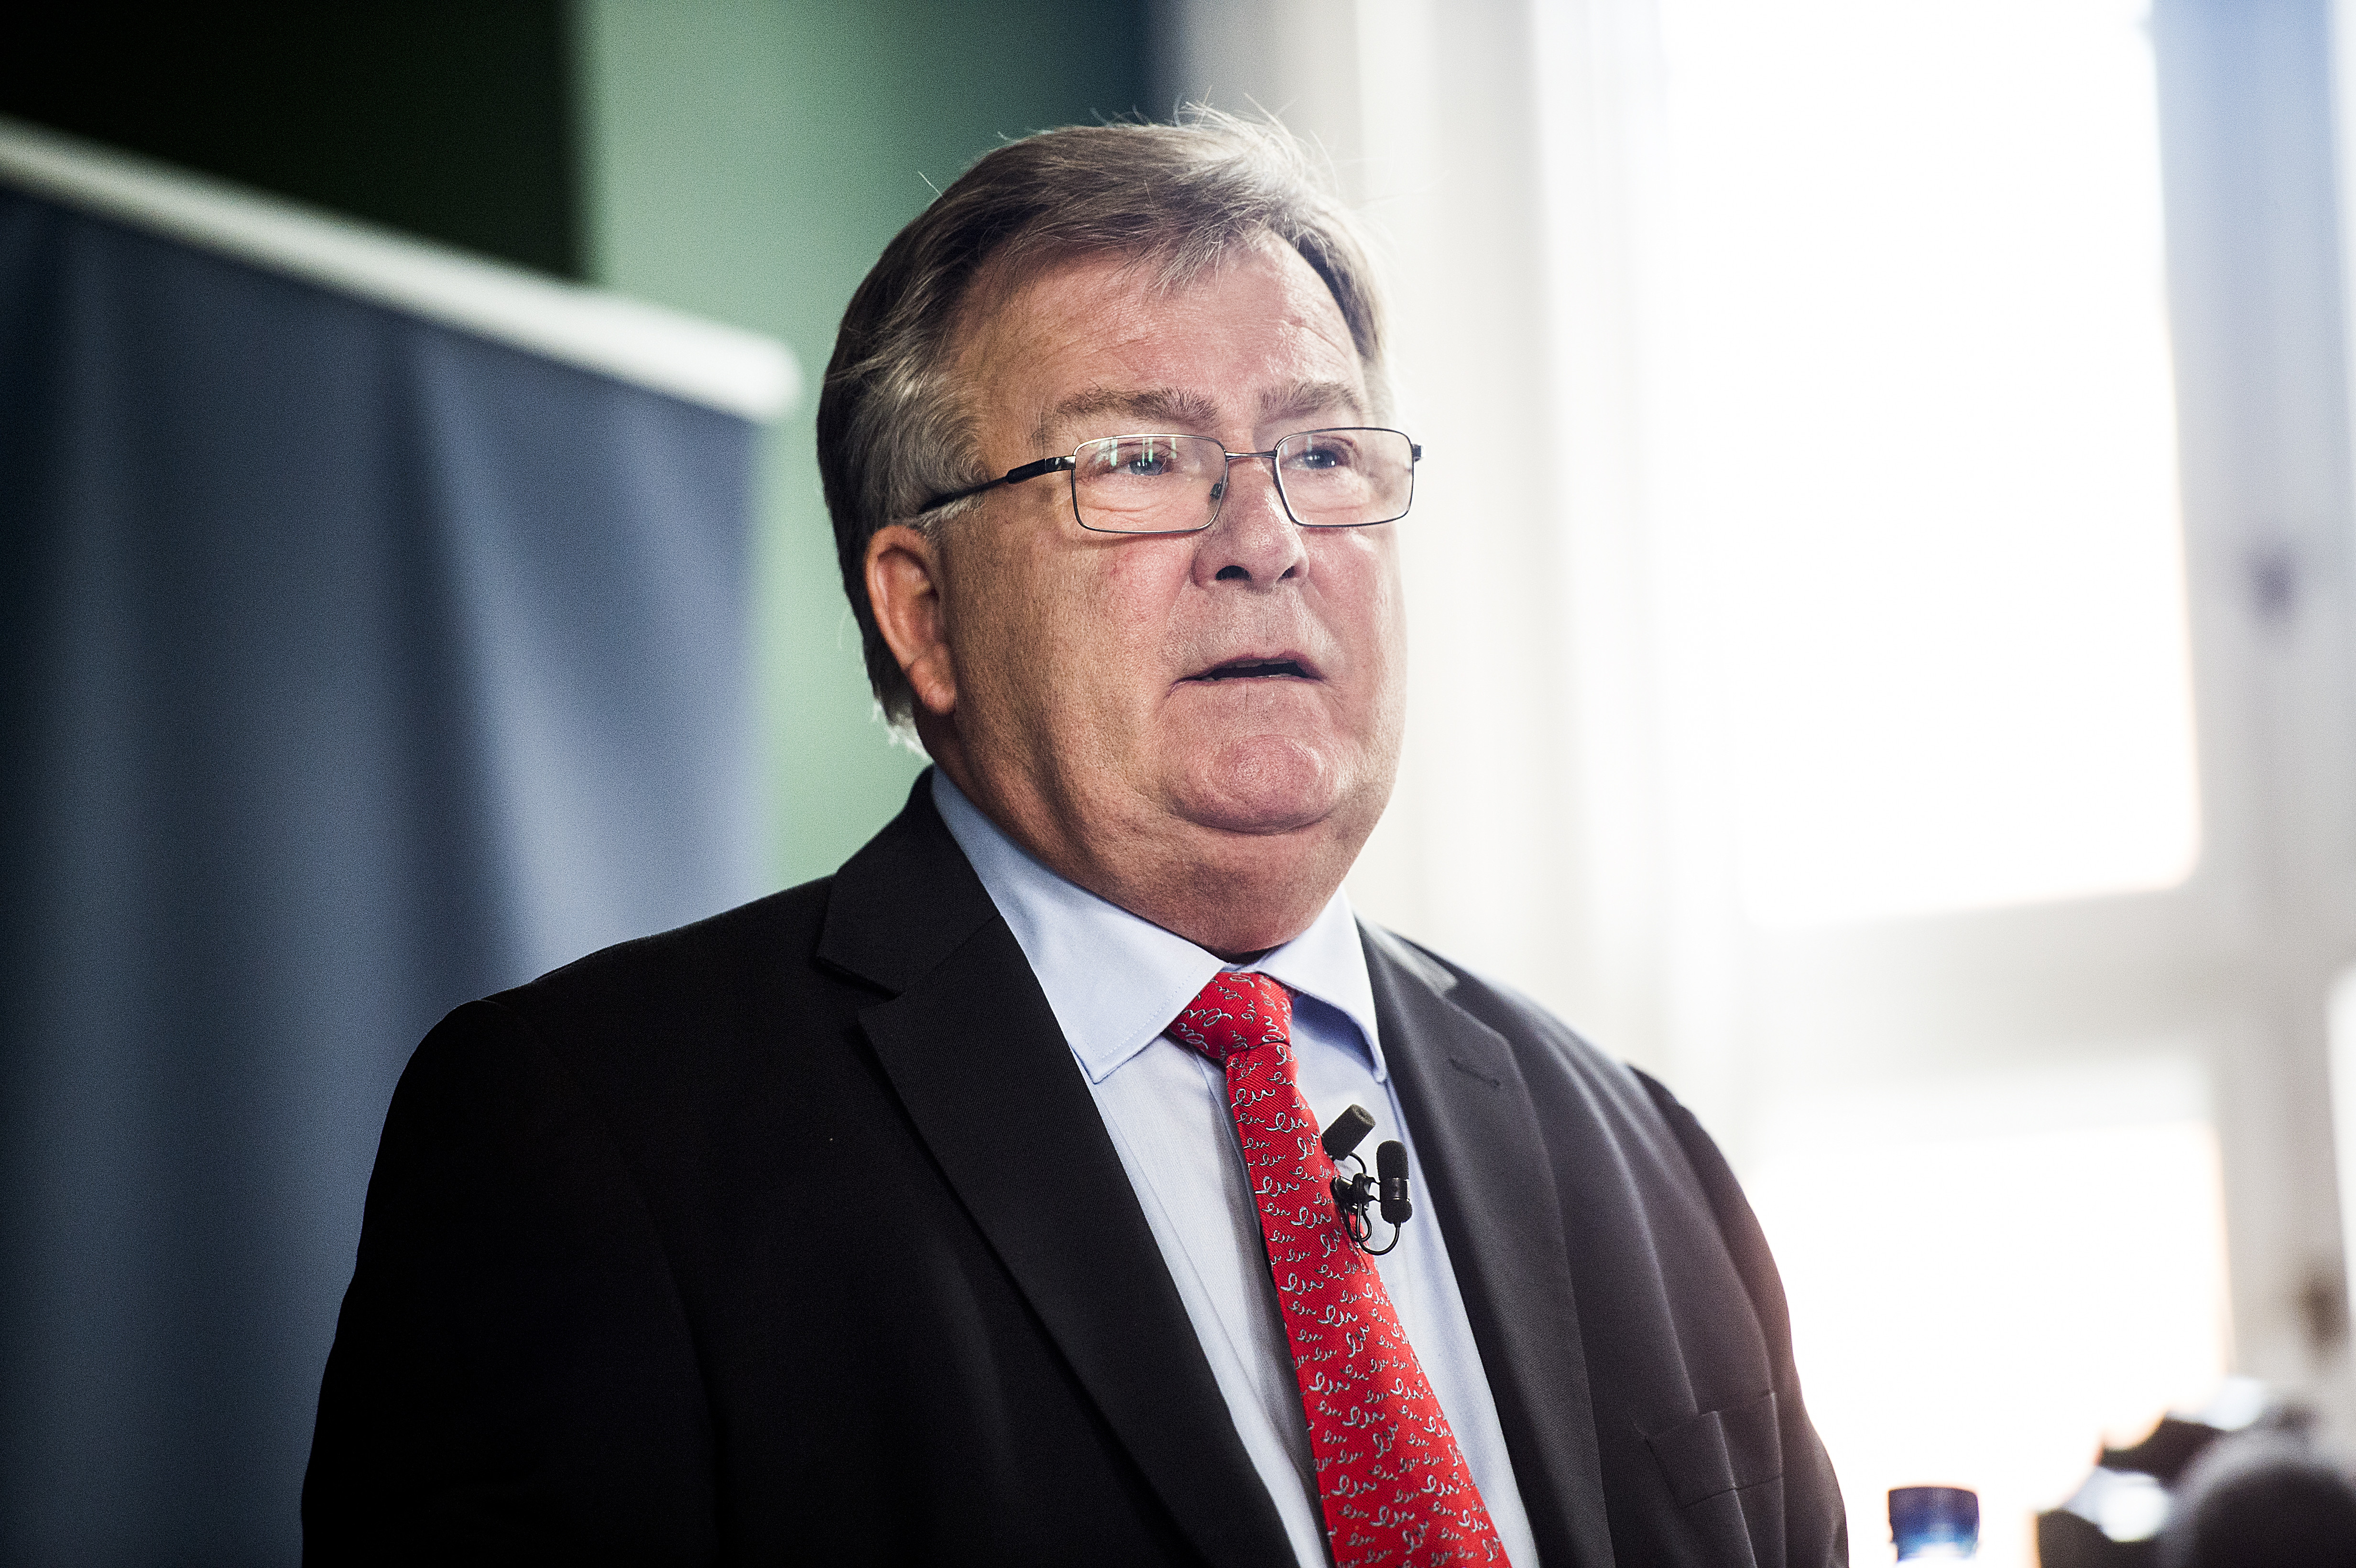 Løkkes 2025-plan | DR